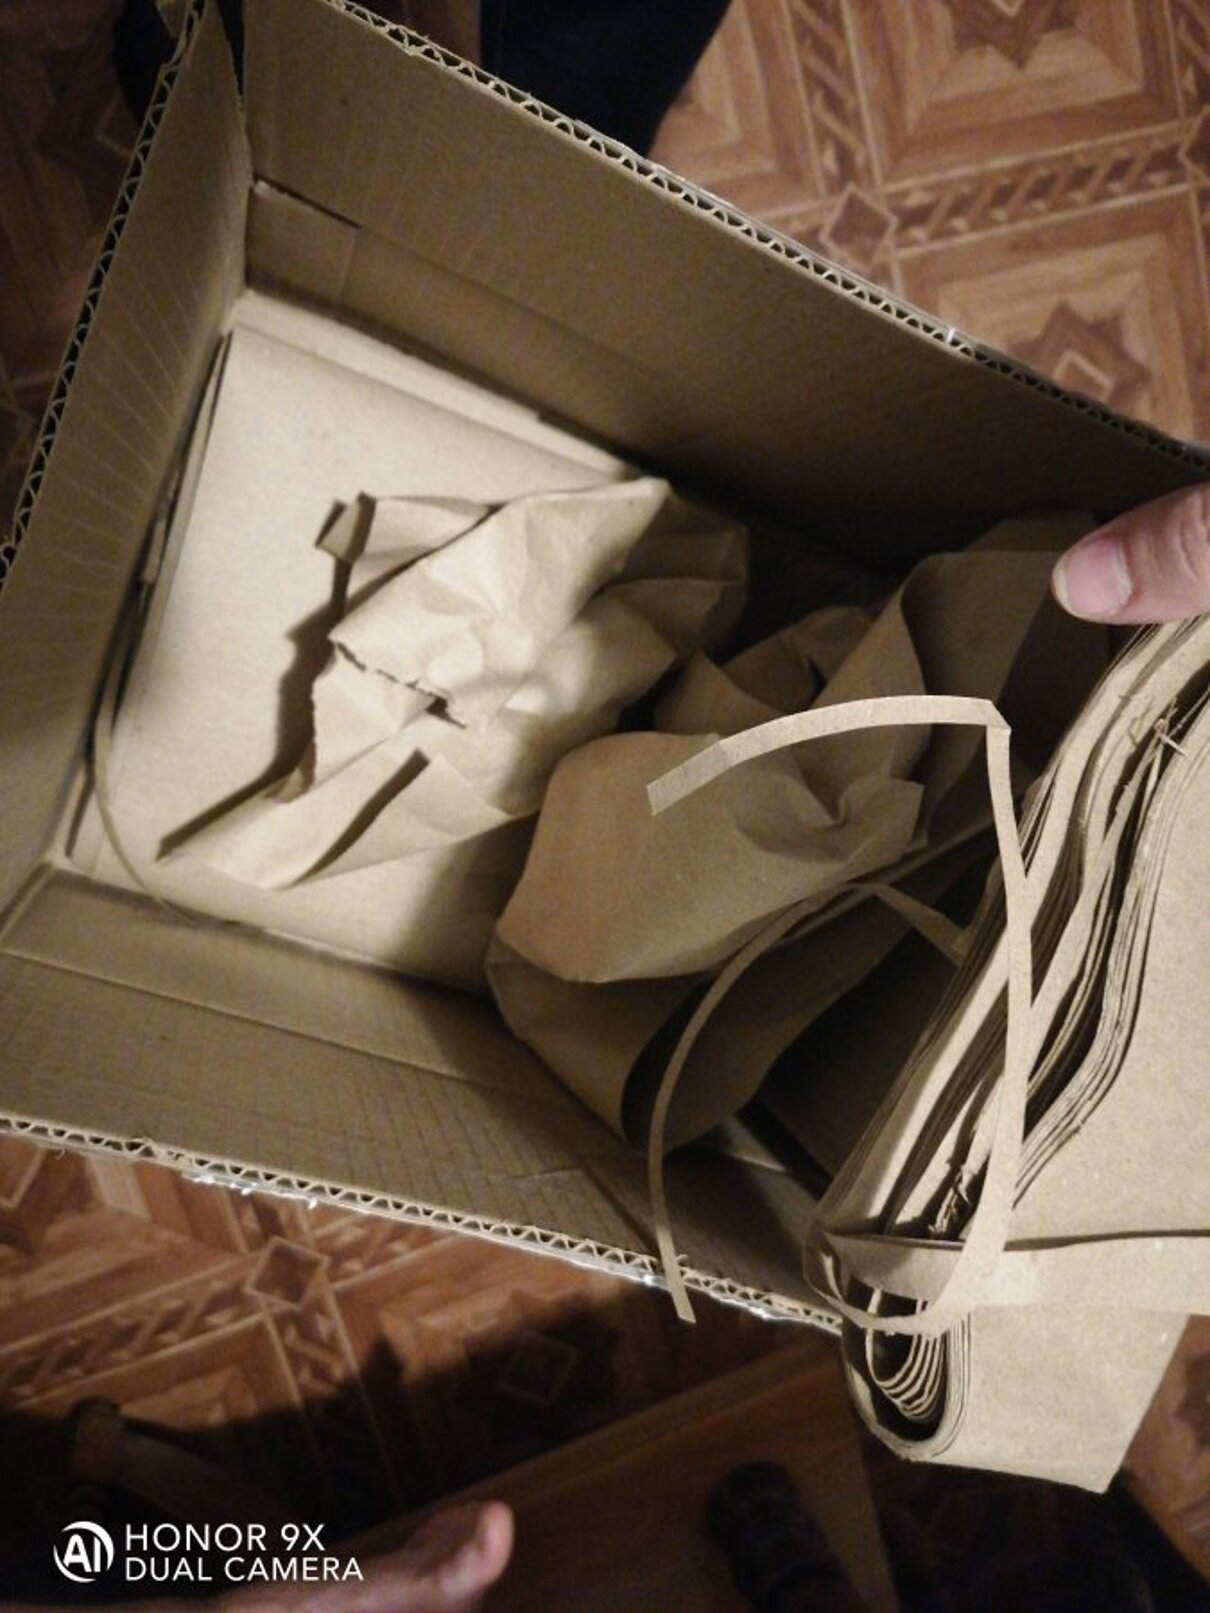 Жалоба-отзыв: Amazon Tablet, ЕСПП 026352 - Заказала ребёнку планшет, проверить перед оплатой было не возможно, в итоге при вскрытии оказалось одна бумага, верни бдяли мои 3500 тысячи, сдохните твари.  Фото №3